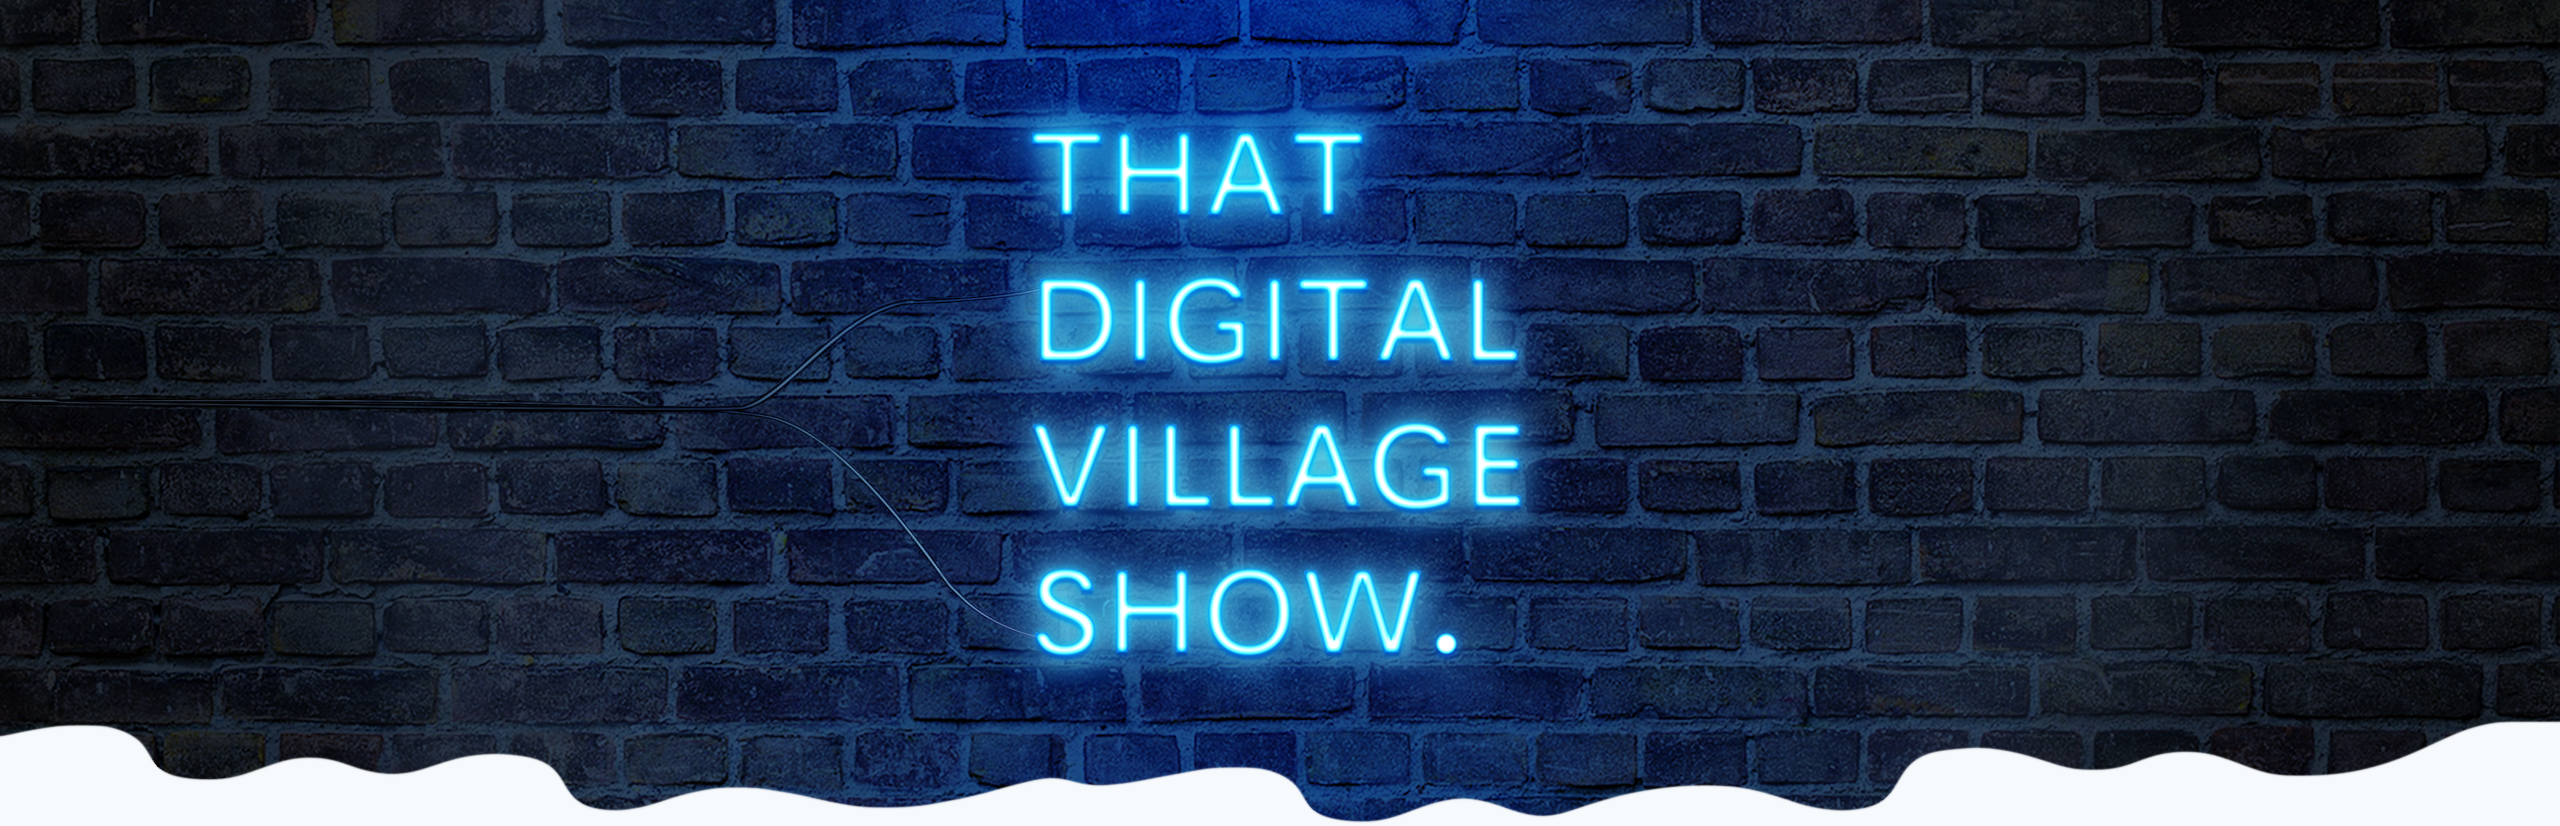 That Digital Village Show